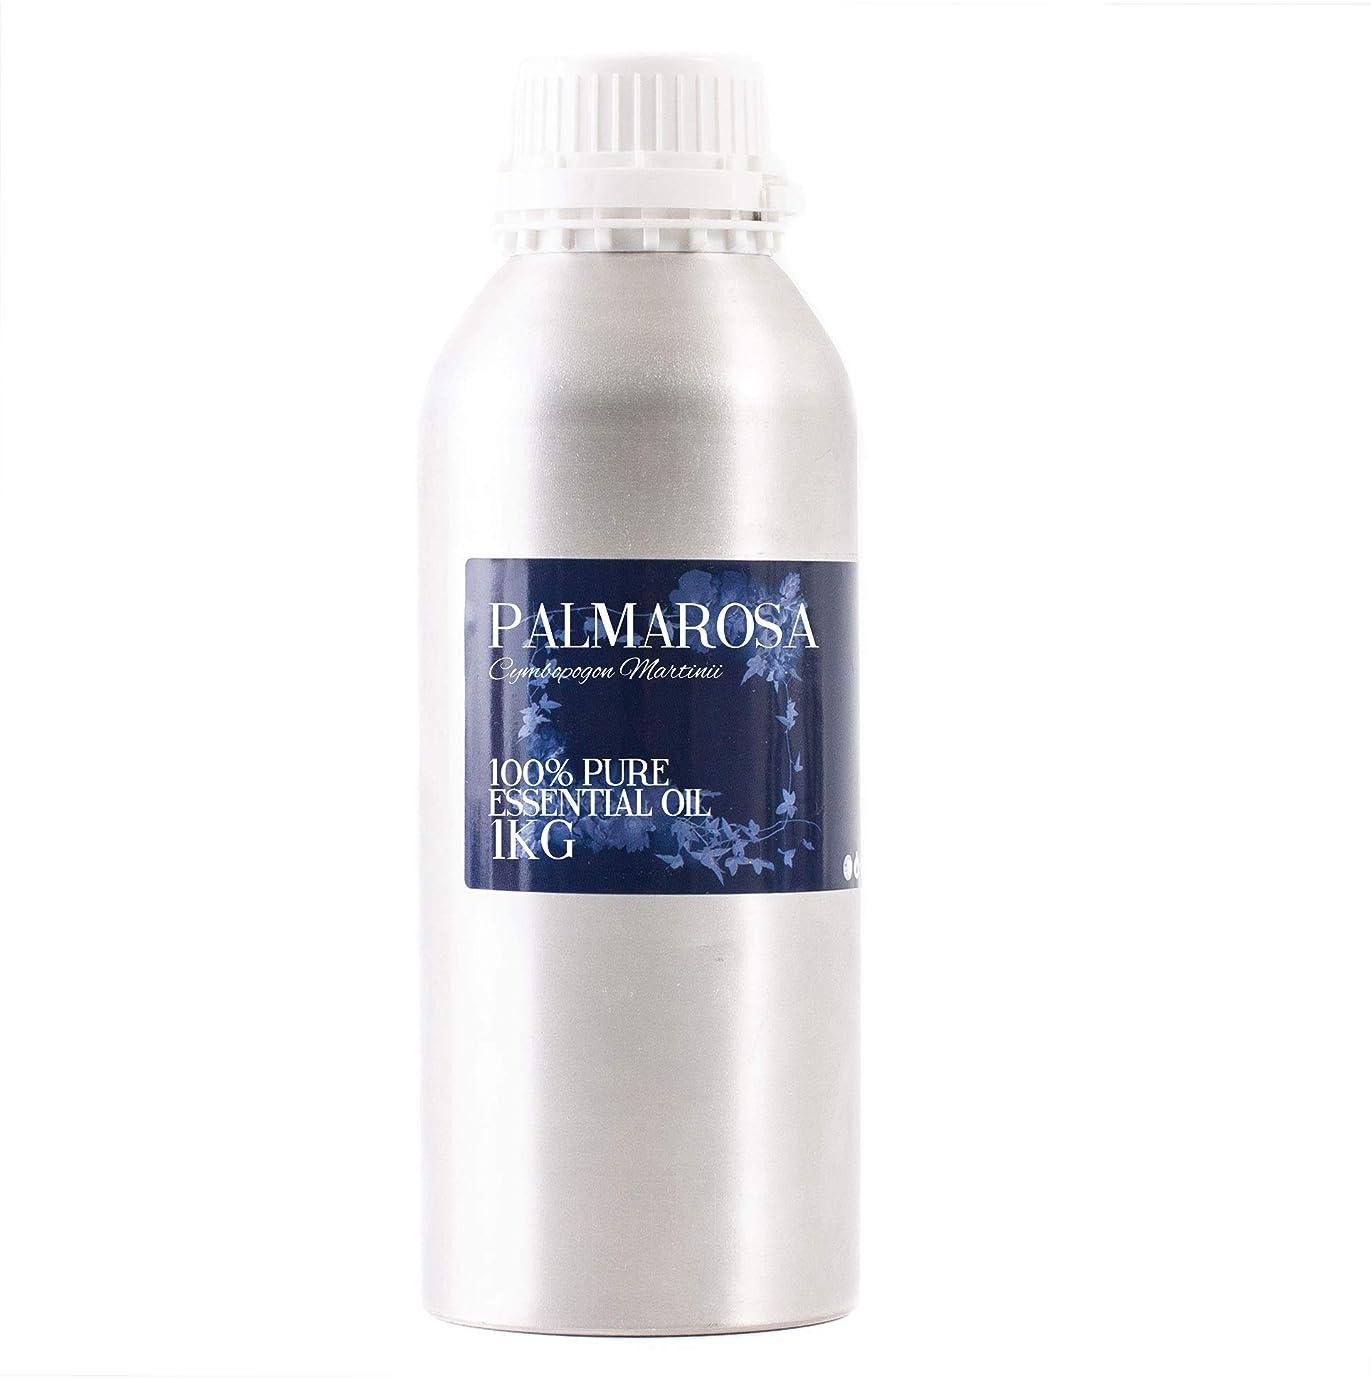 独立したオートマトンカウンターパートMystic Moments | Palmarosa Essential Oil - 1Kg - 100% Pure